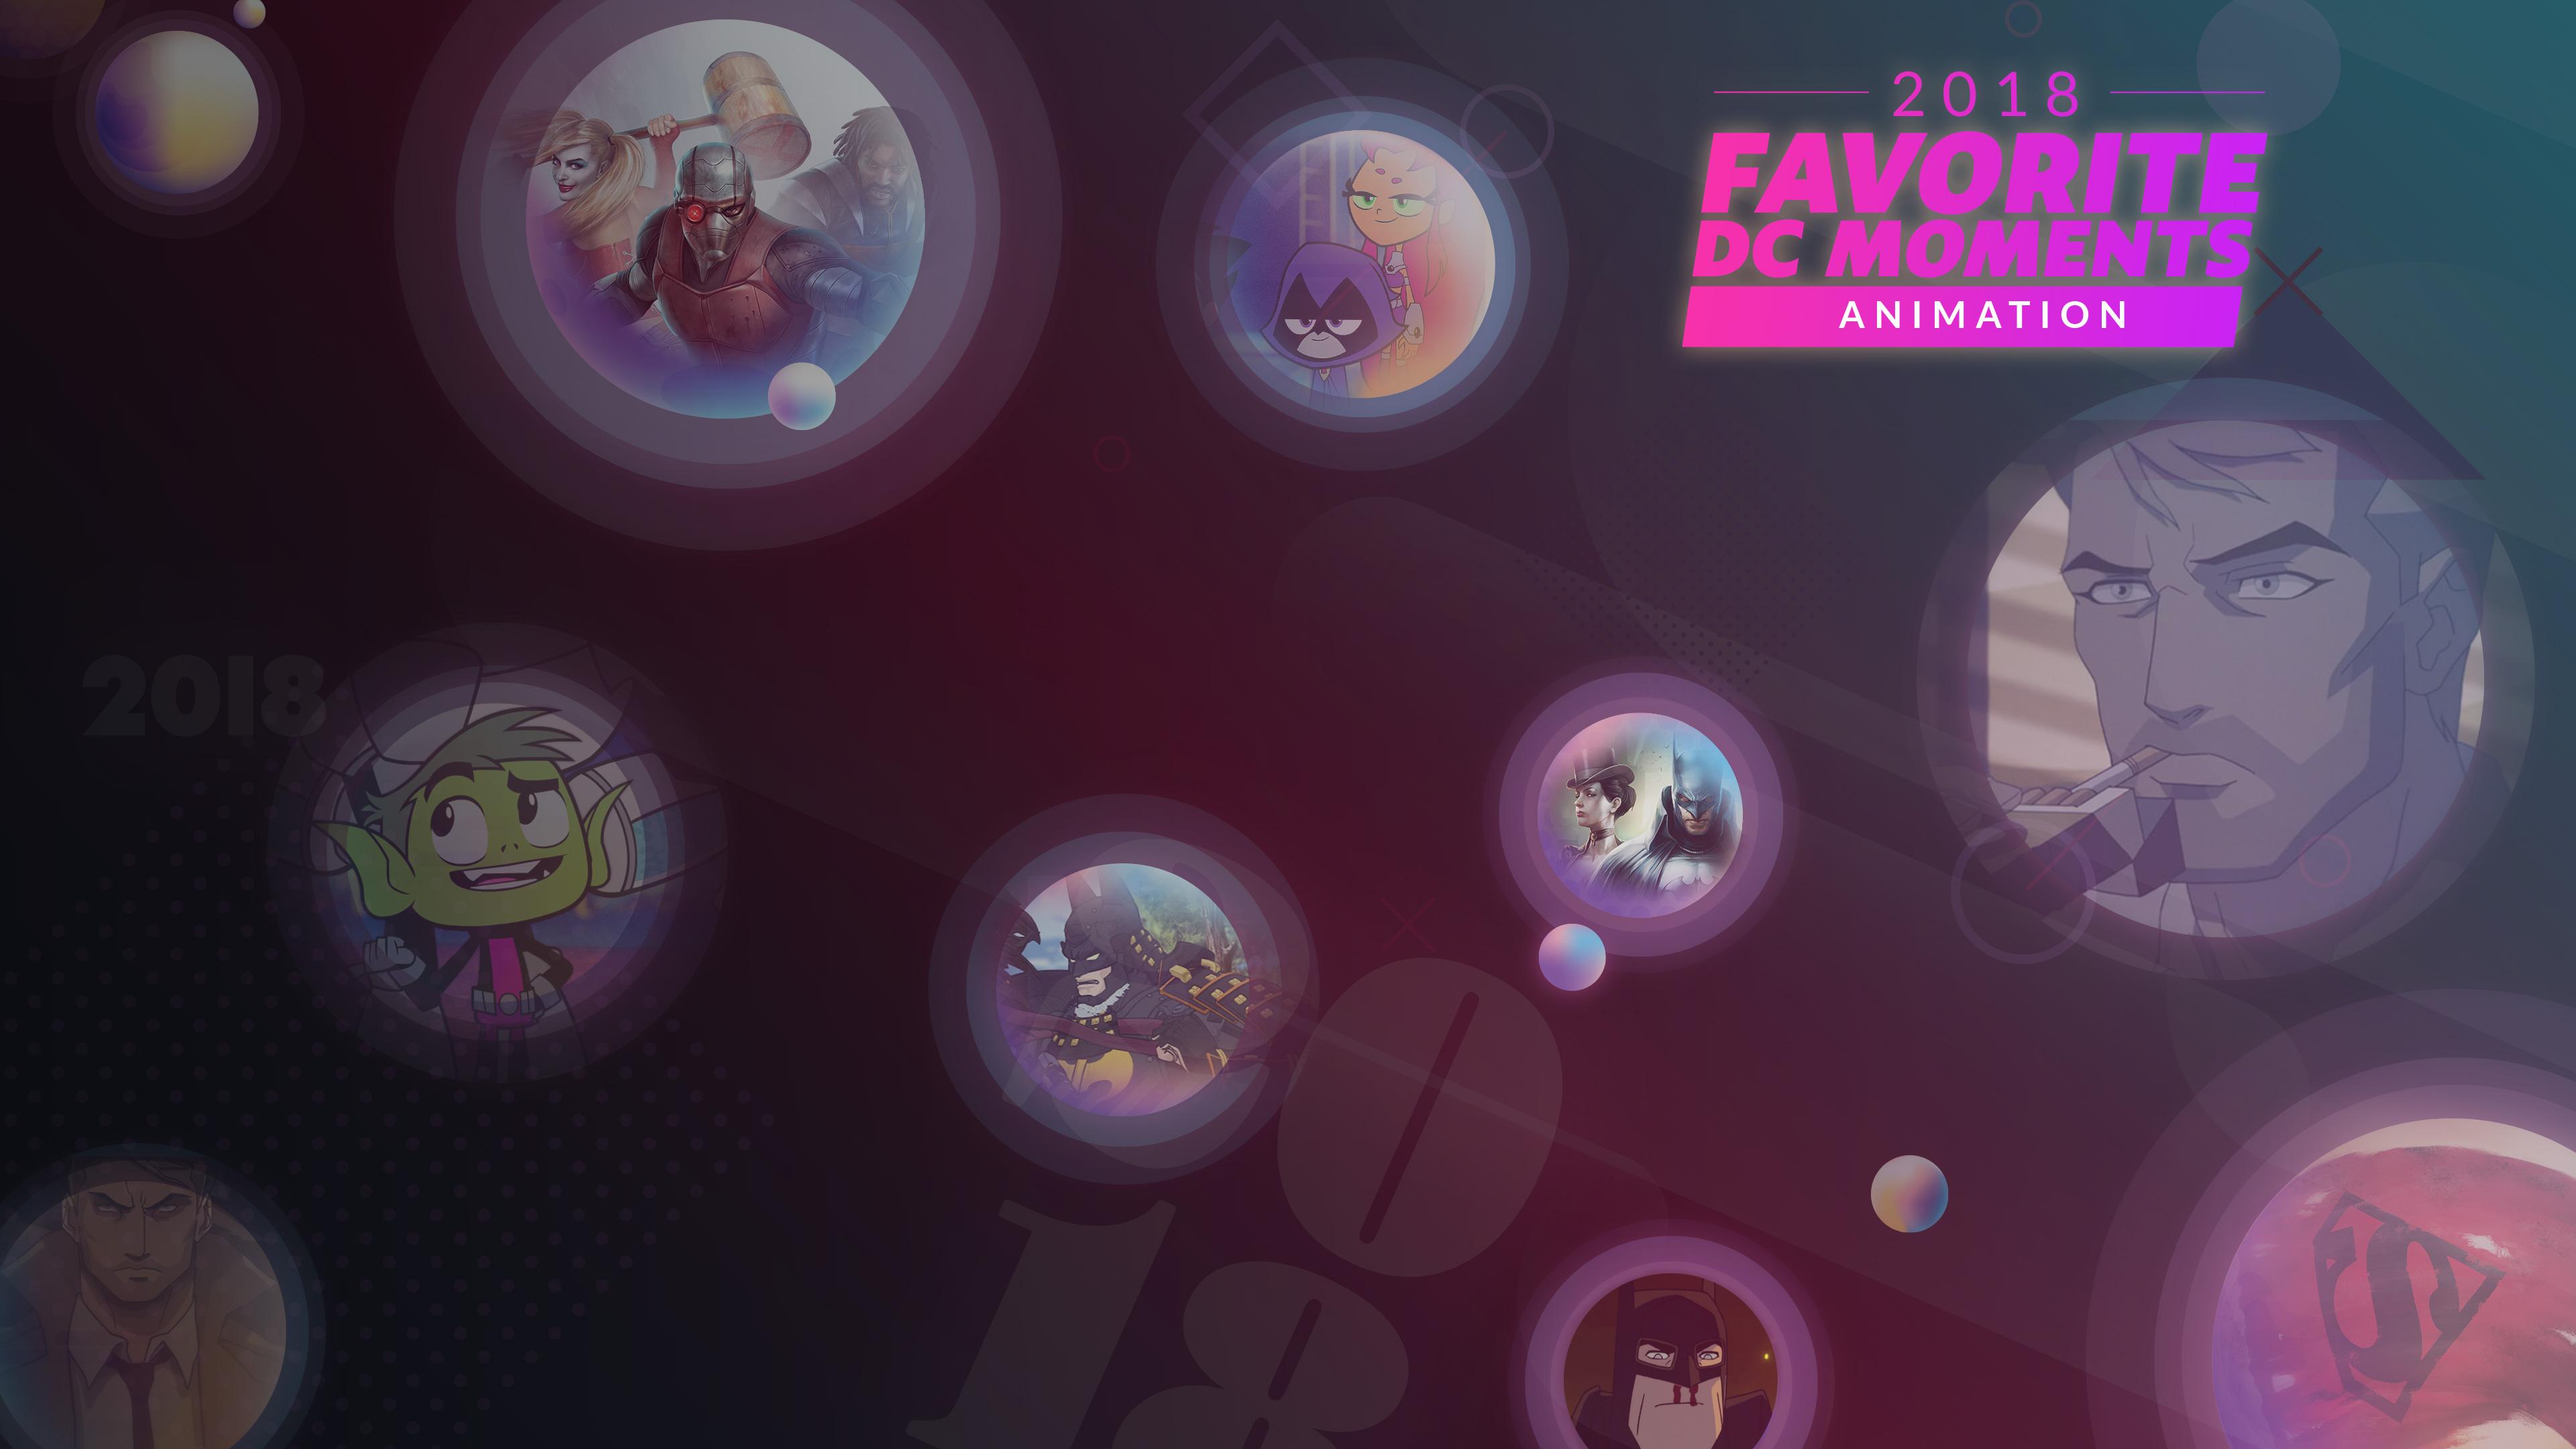 FaveDCMoments-Animation-poll-122818-v1-HEADER.jpg